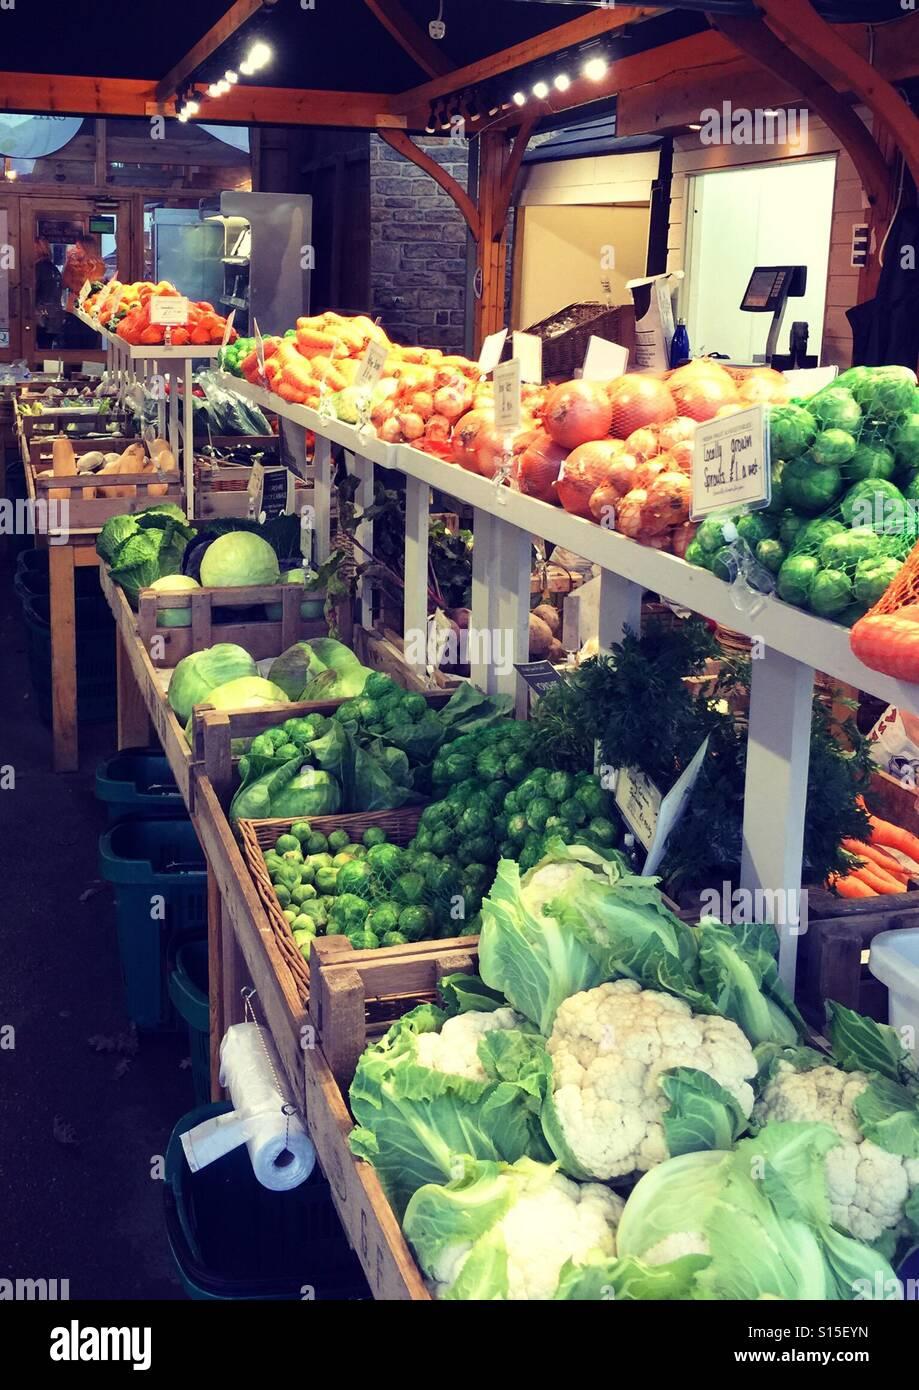 Frutta e verdura in stallo con abbondanza di verdura invernale Immagini Stock